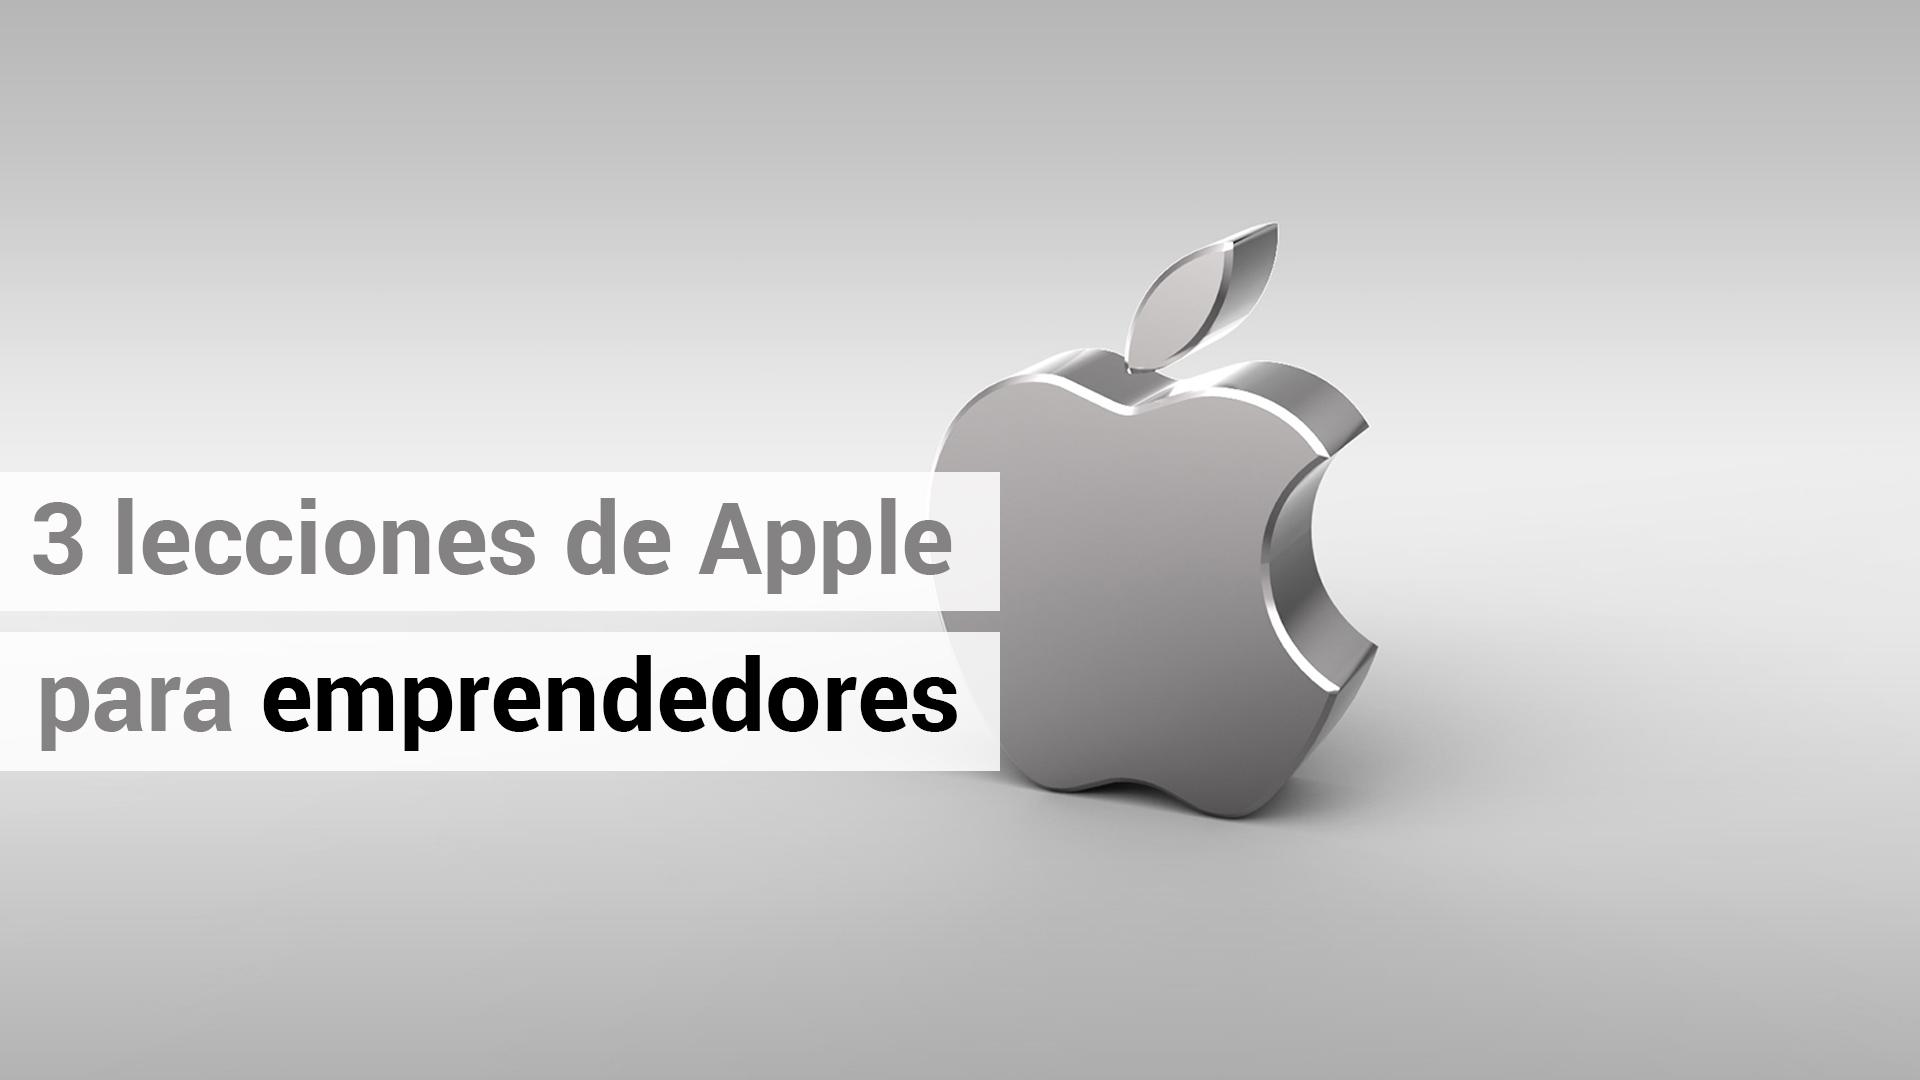 3 lecciones de Apple para los emprendedores